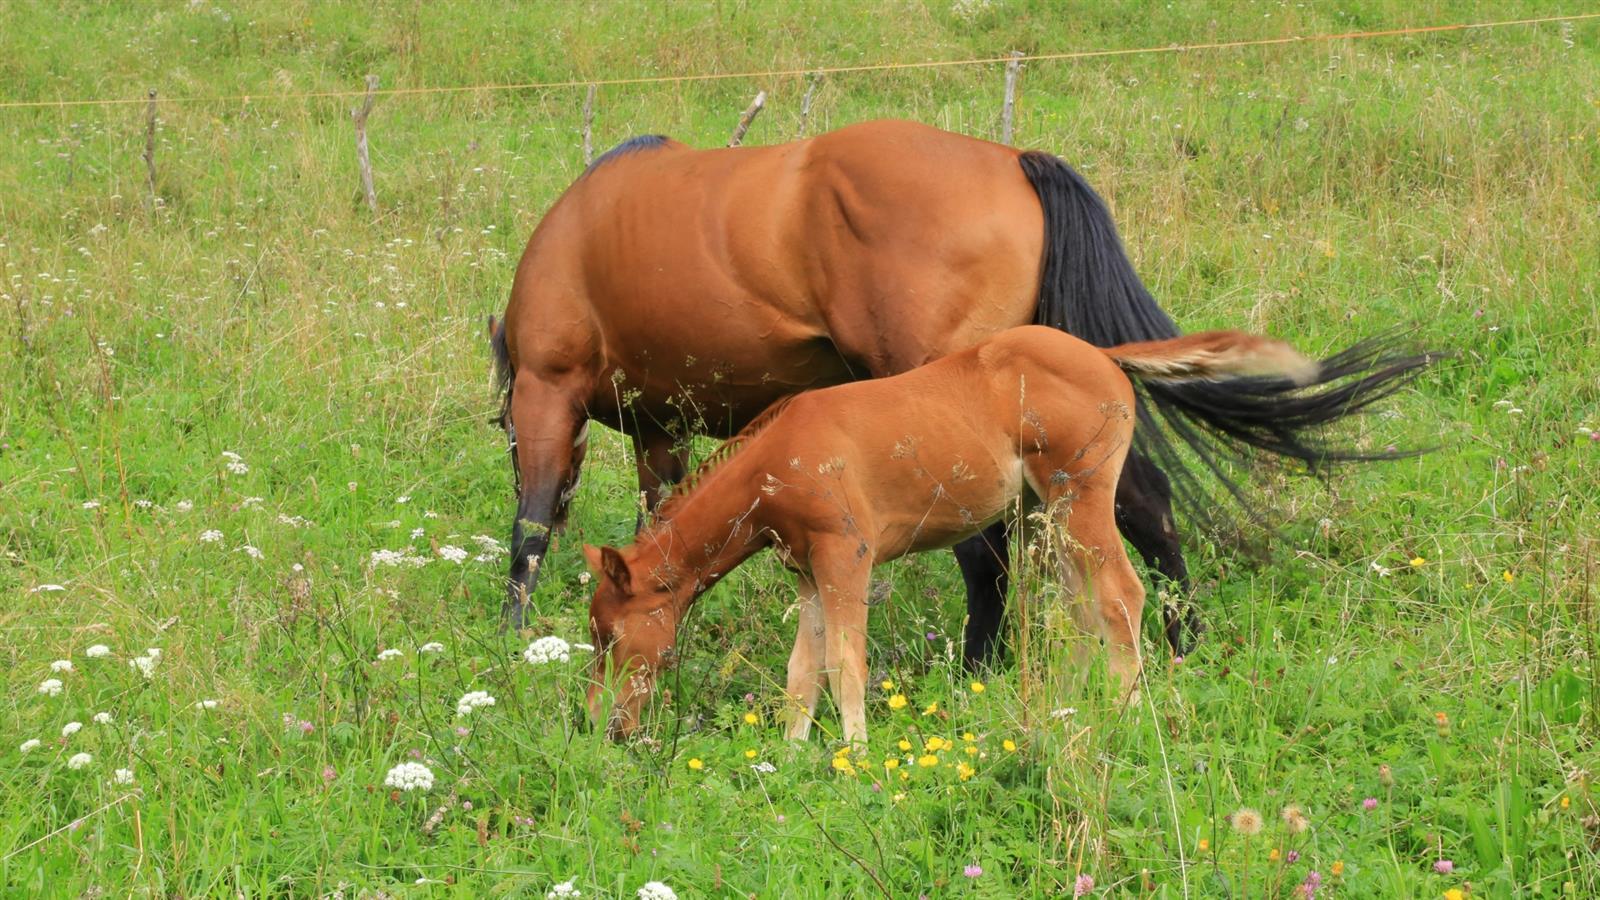 Marina il cavallo e lo stallone pt6 - 2 6